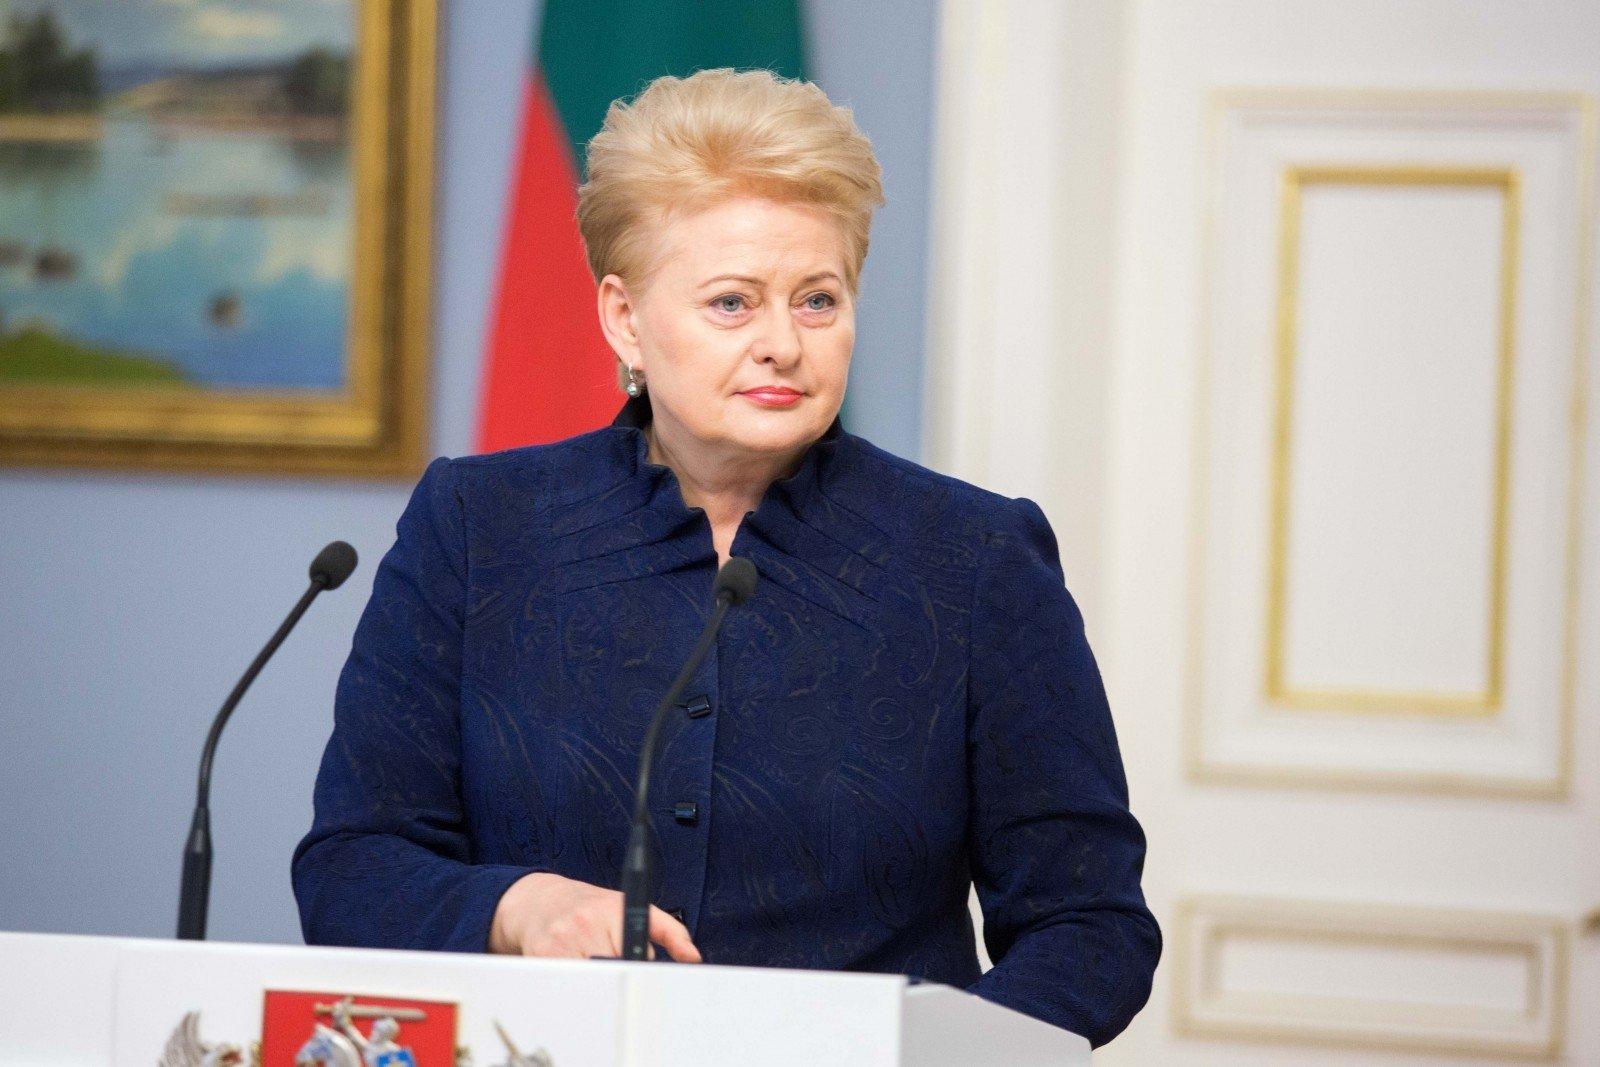 РФдемонстрирует агрессию вотношении евростолиц— Президент Литвы